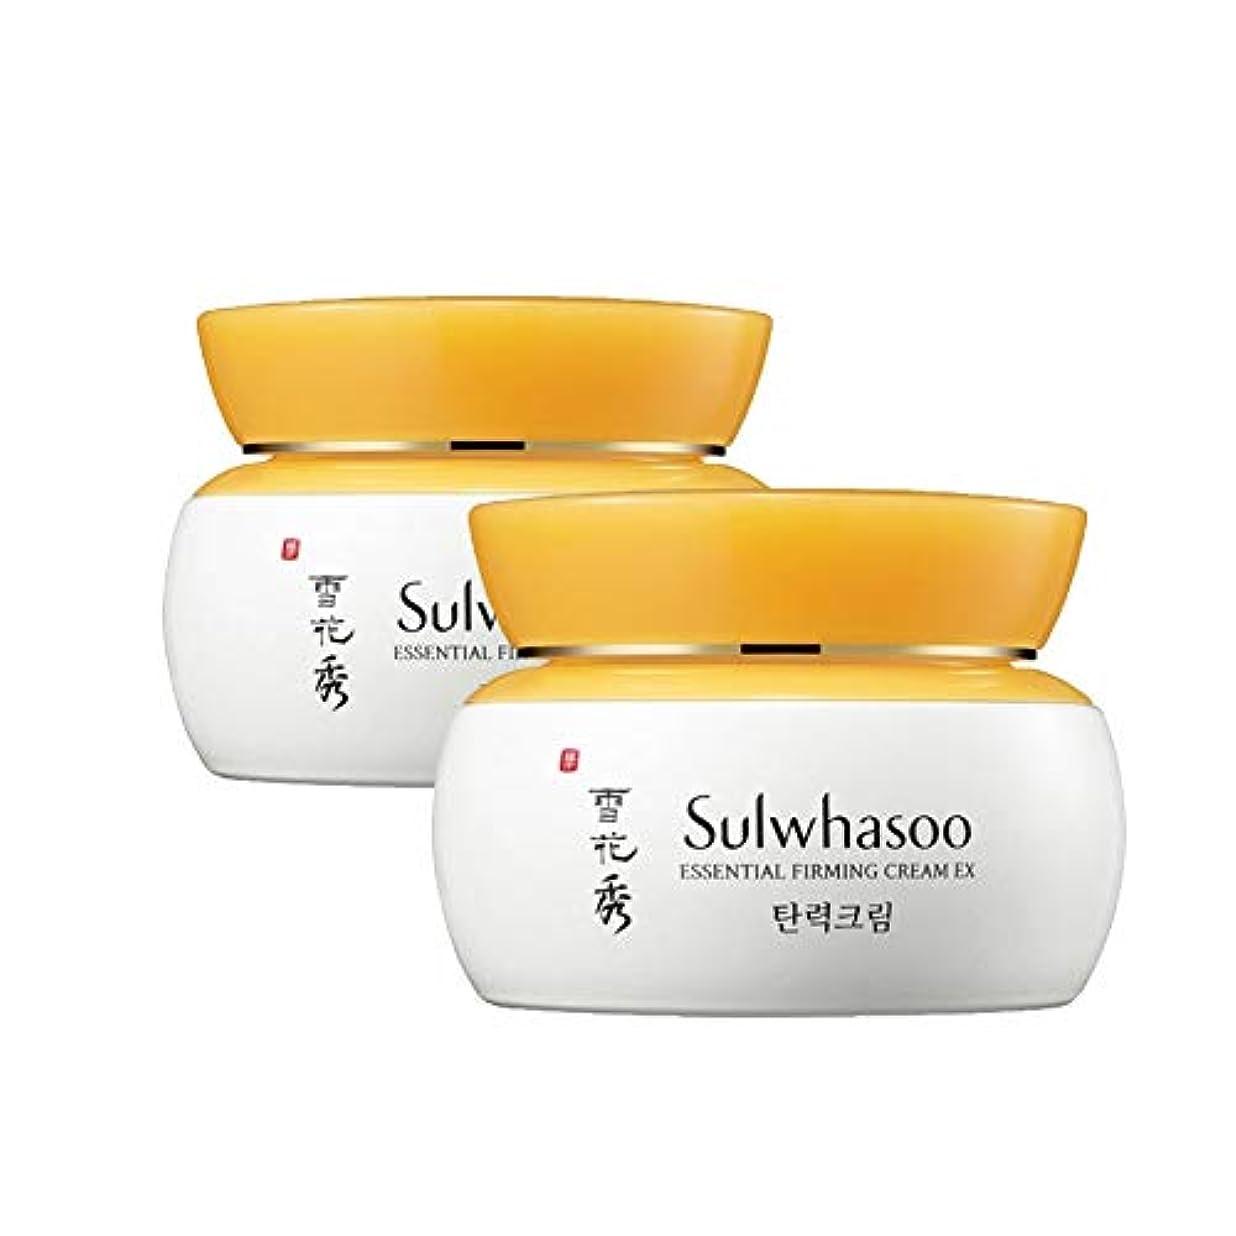 明日議題狭い雪花秀エッセンシャルパーミングクリーム 75mlx2本セット 弾力クリーム韓国コスメ、Sulwhasoo Essential Firming Cream 75ml x 2ea Set Korean Cosmetics [並行輸入品]